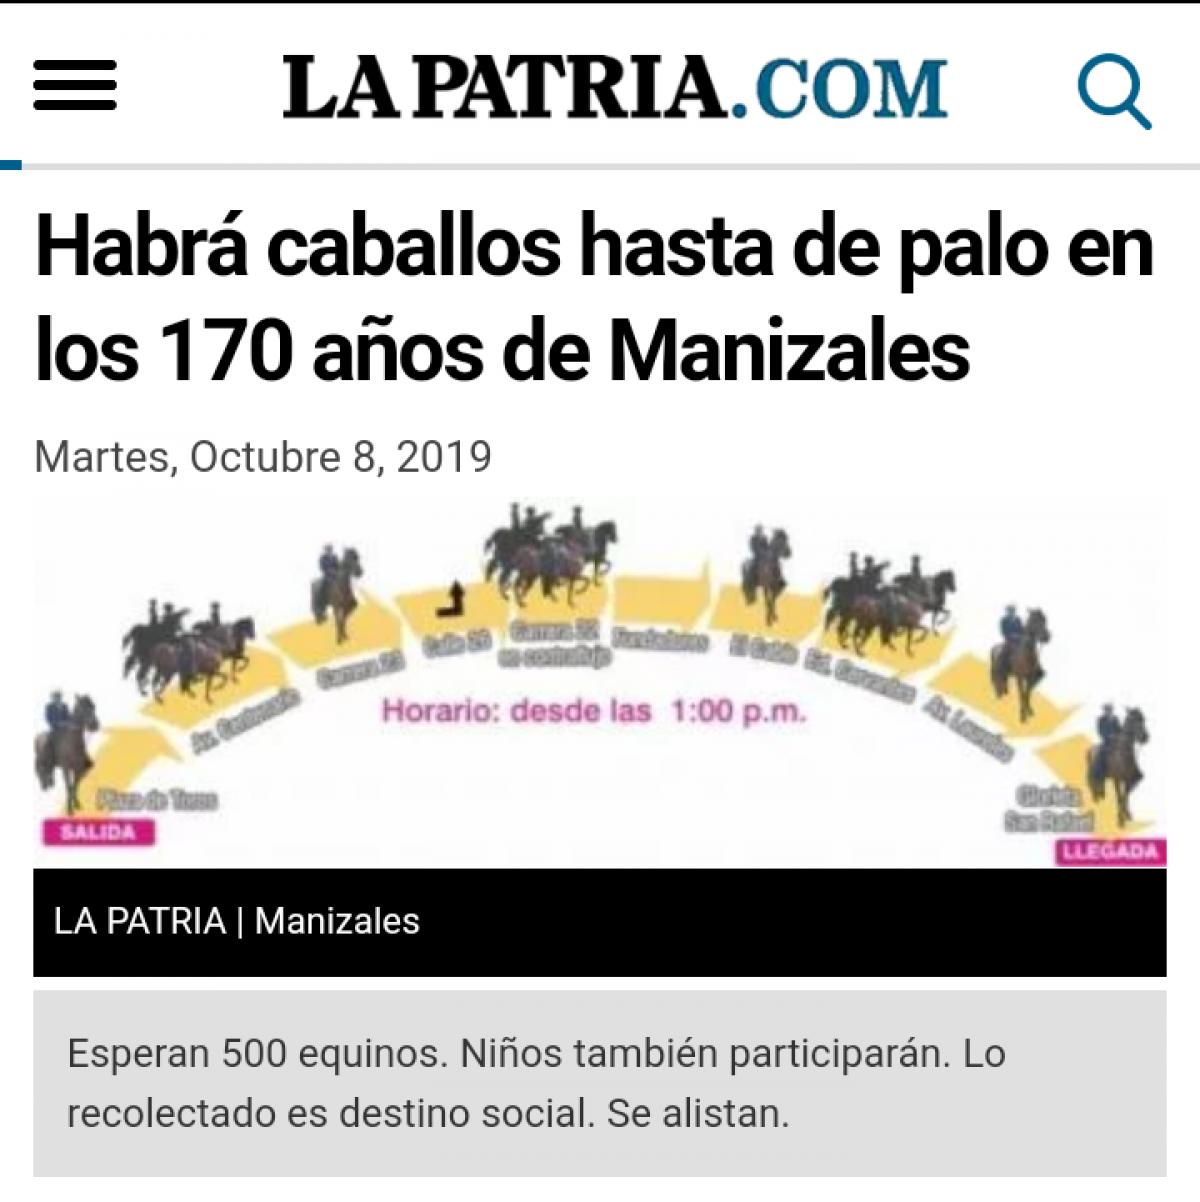 Habrá Caballos Hasta de Palo En Los 170 años de Manizales